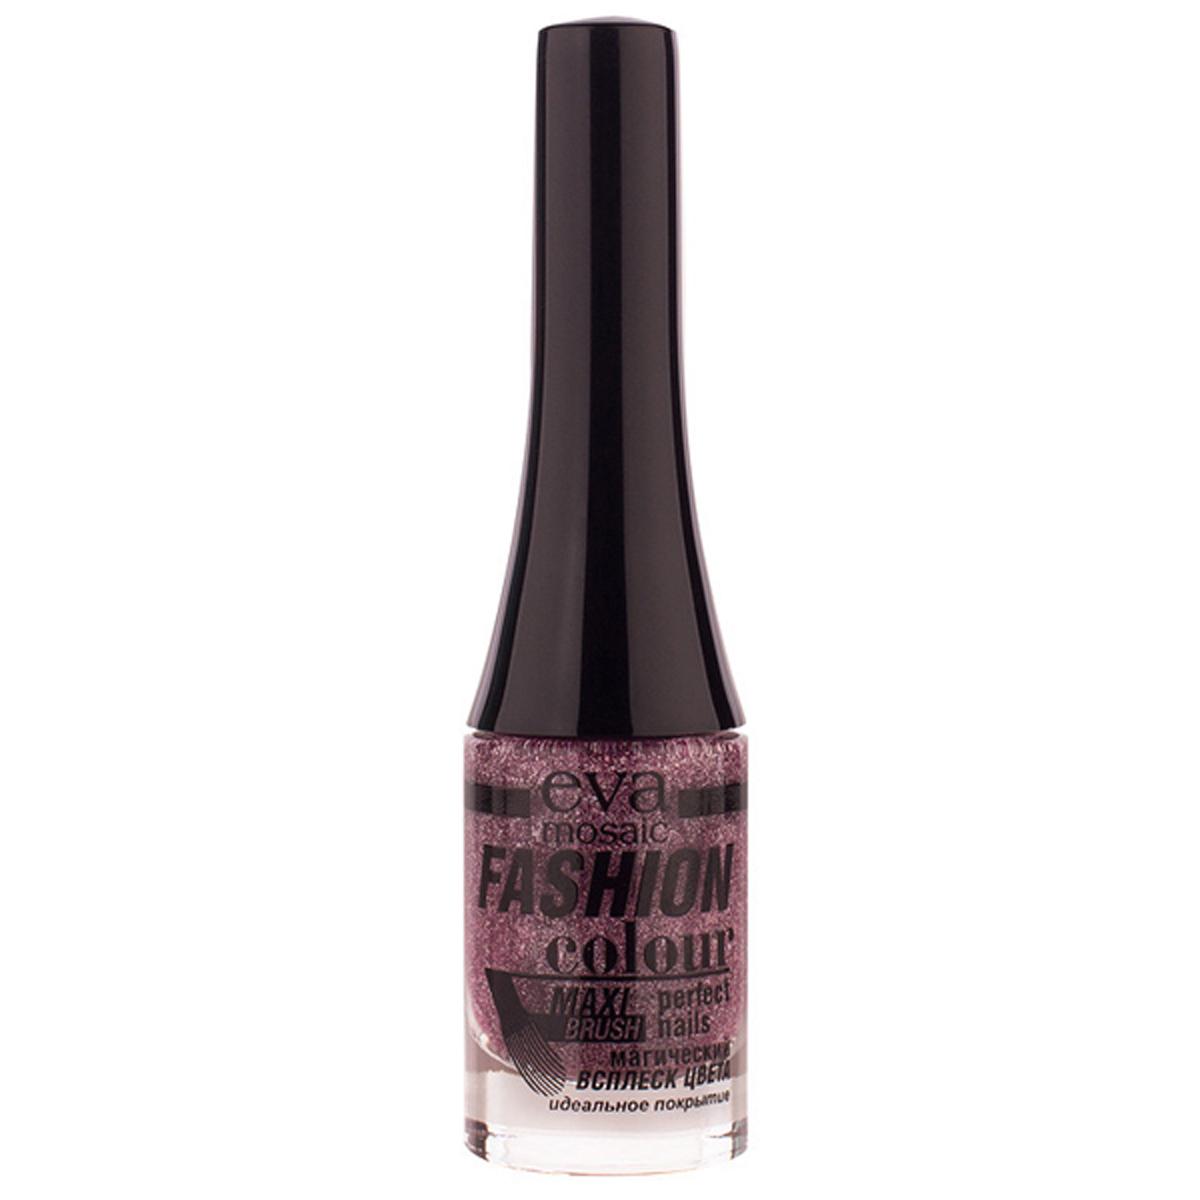 Eva Mosaic Лак для ногтей Fashion Colour, 6 мл, 062 Розовая Радуга685400Стойкие лаки для ногтей в экономичной упаковке небольшого объема - лак не успеет надоесть или загустеть! Огромный спектр оттенков - от сдержанной классики до самых смелых современных тенденций.- легко наносятся и быстро сохнут - обладают высокой стойкостью и зеркальным блеском - эргономичная плоская кисть для быстрого, аккуратного и точного нанесения.Как ухаживать за ногтями: советы эксперта. Статья OZON Гид